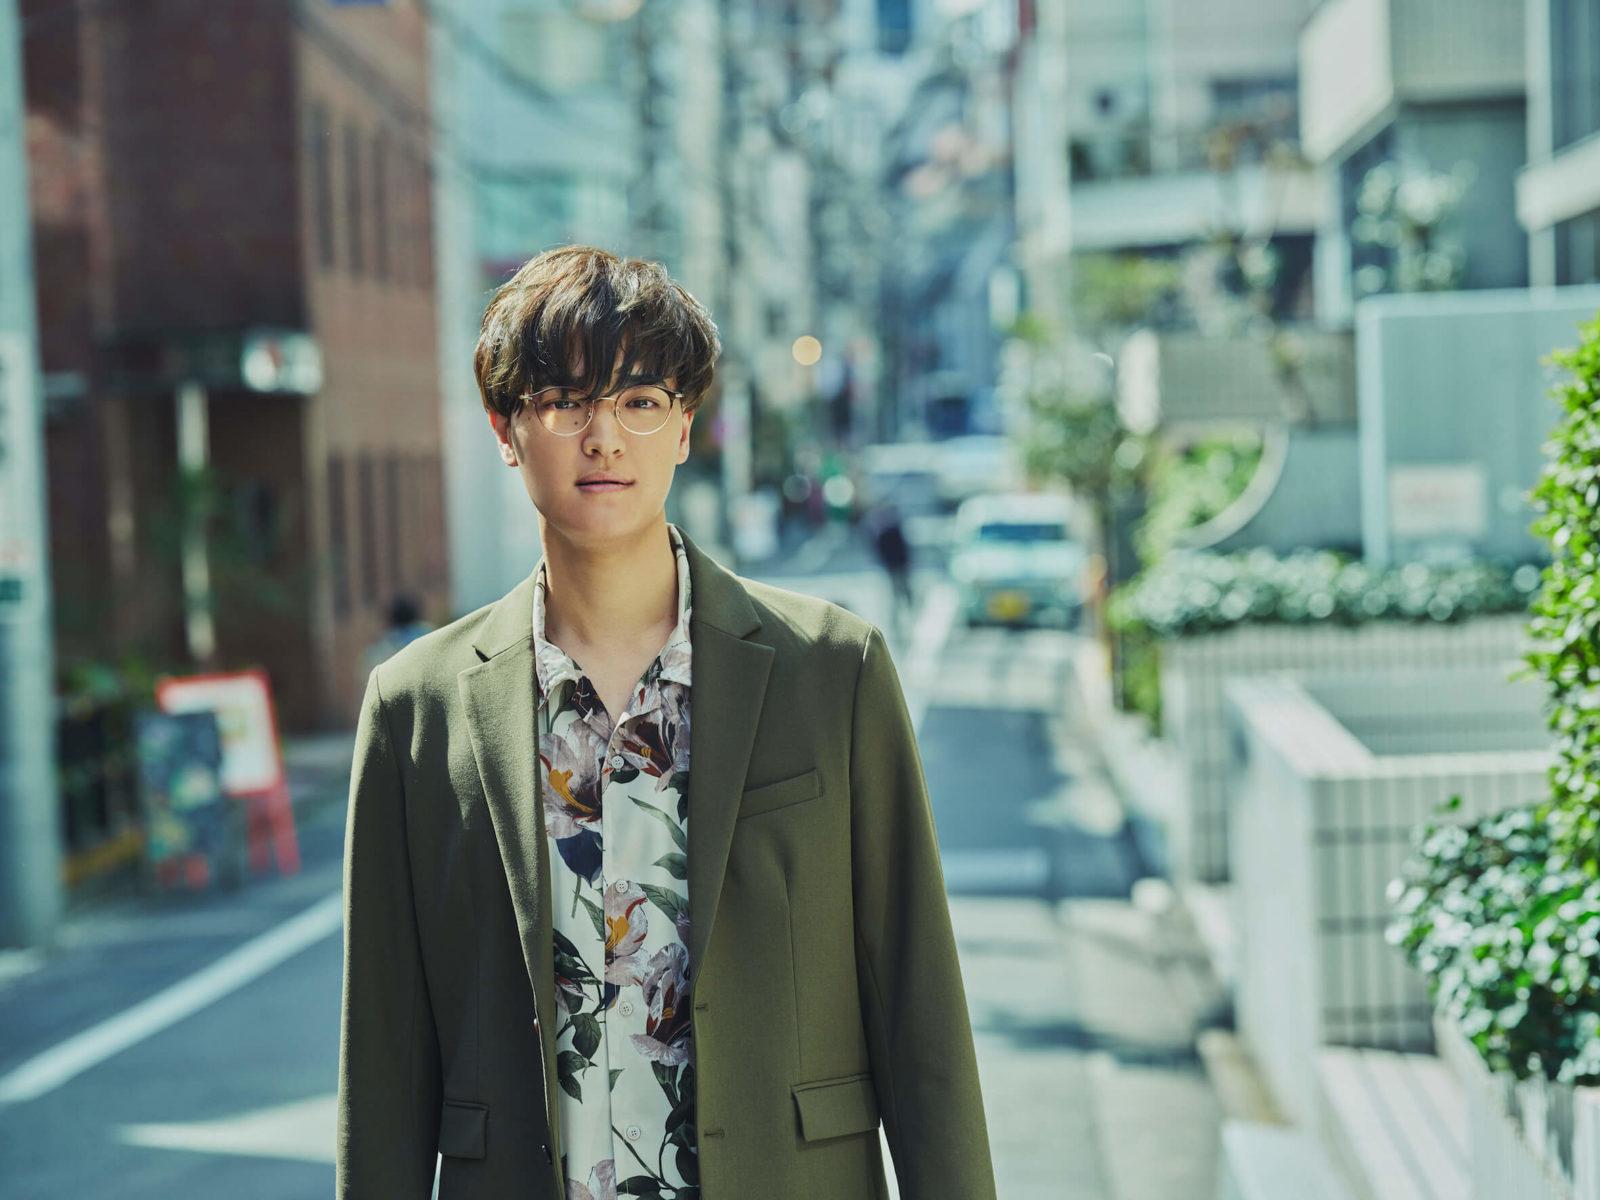 海蔵亮太、新曲「素敵な人よ」本人出演リリックビデオ完全版公開サムネイル画像